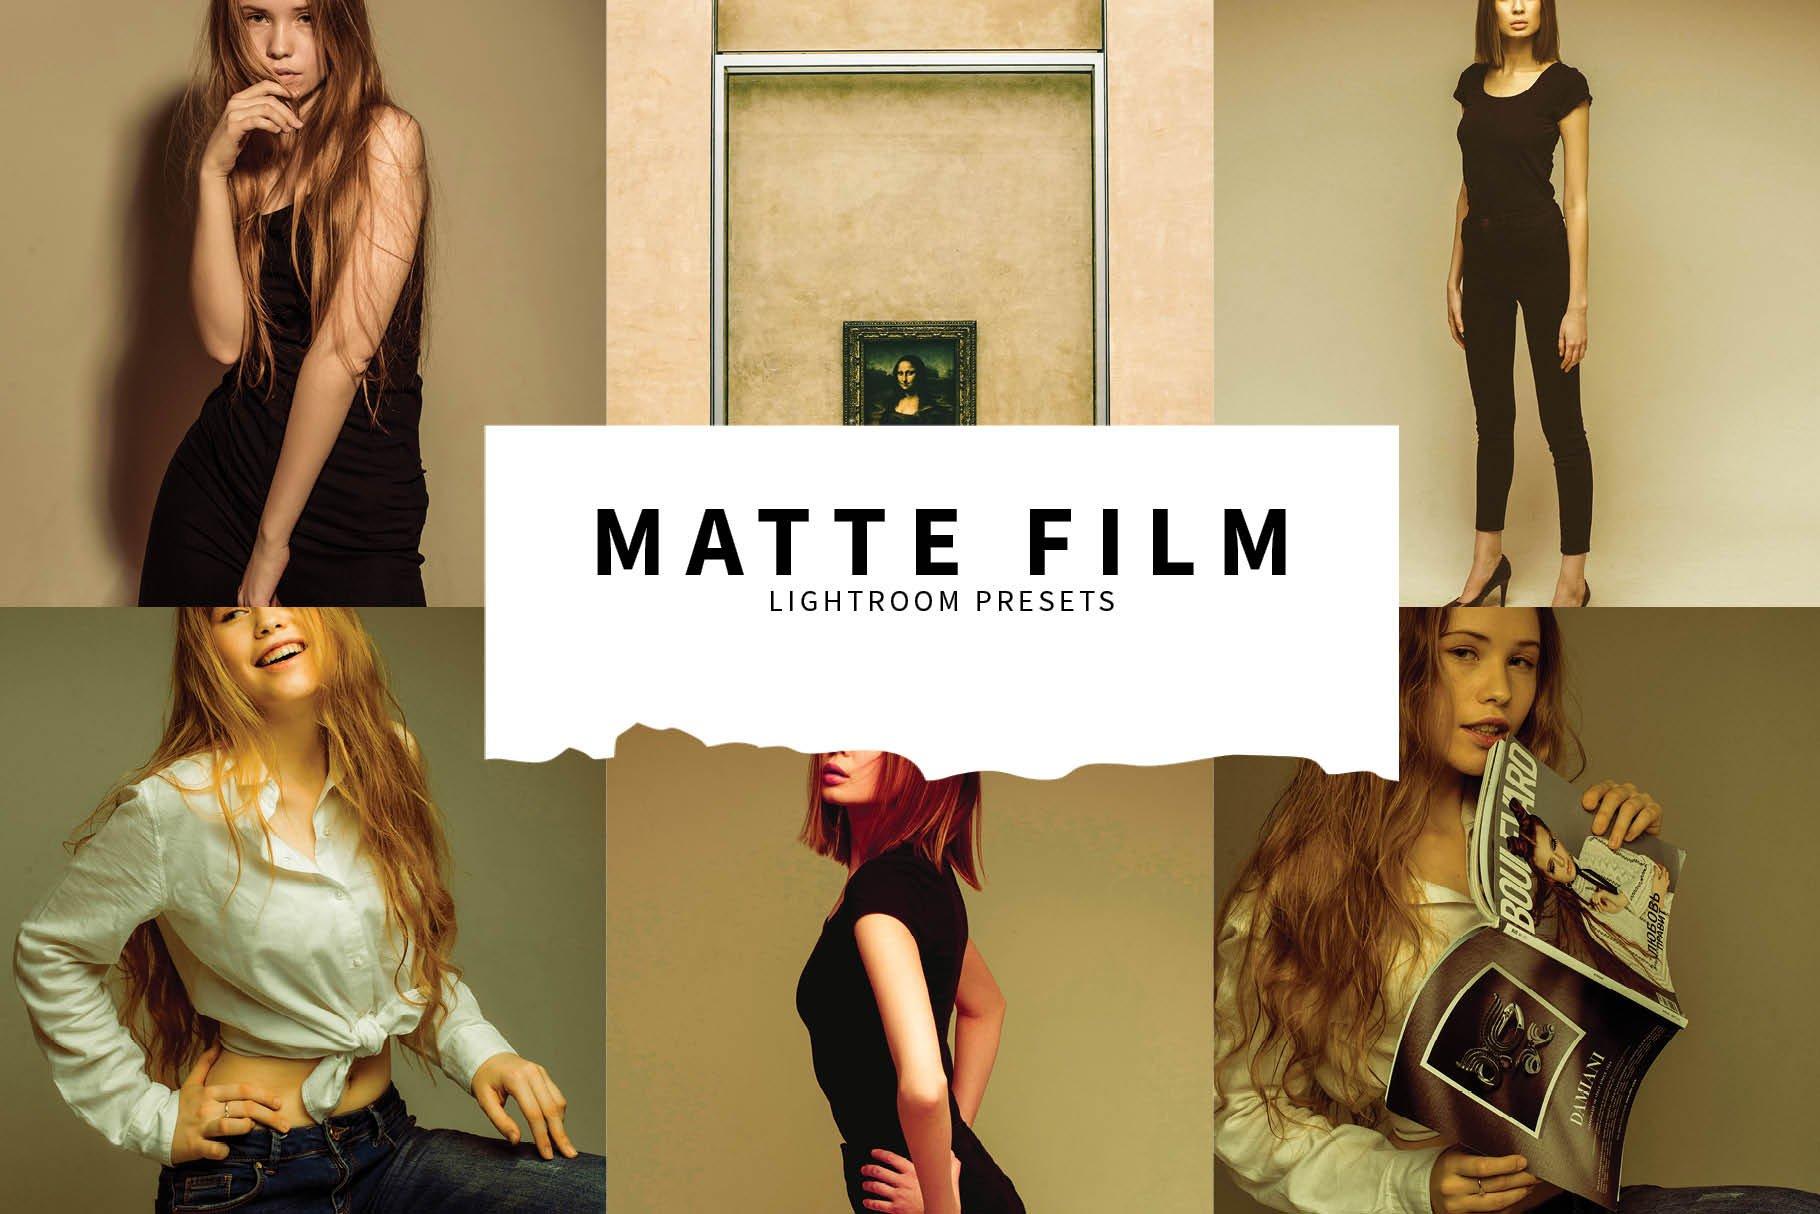 10个复古哑光人像摄影照片调色滤镜LR预设模板 10 Matte Film Lightroom Presets插图